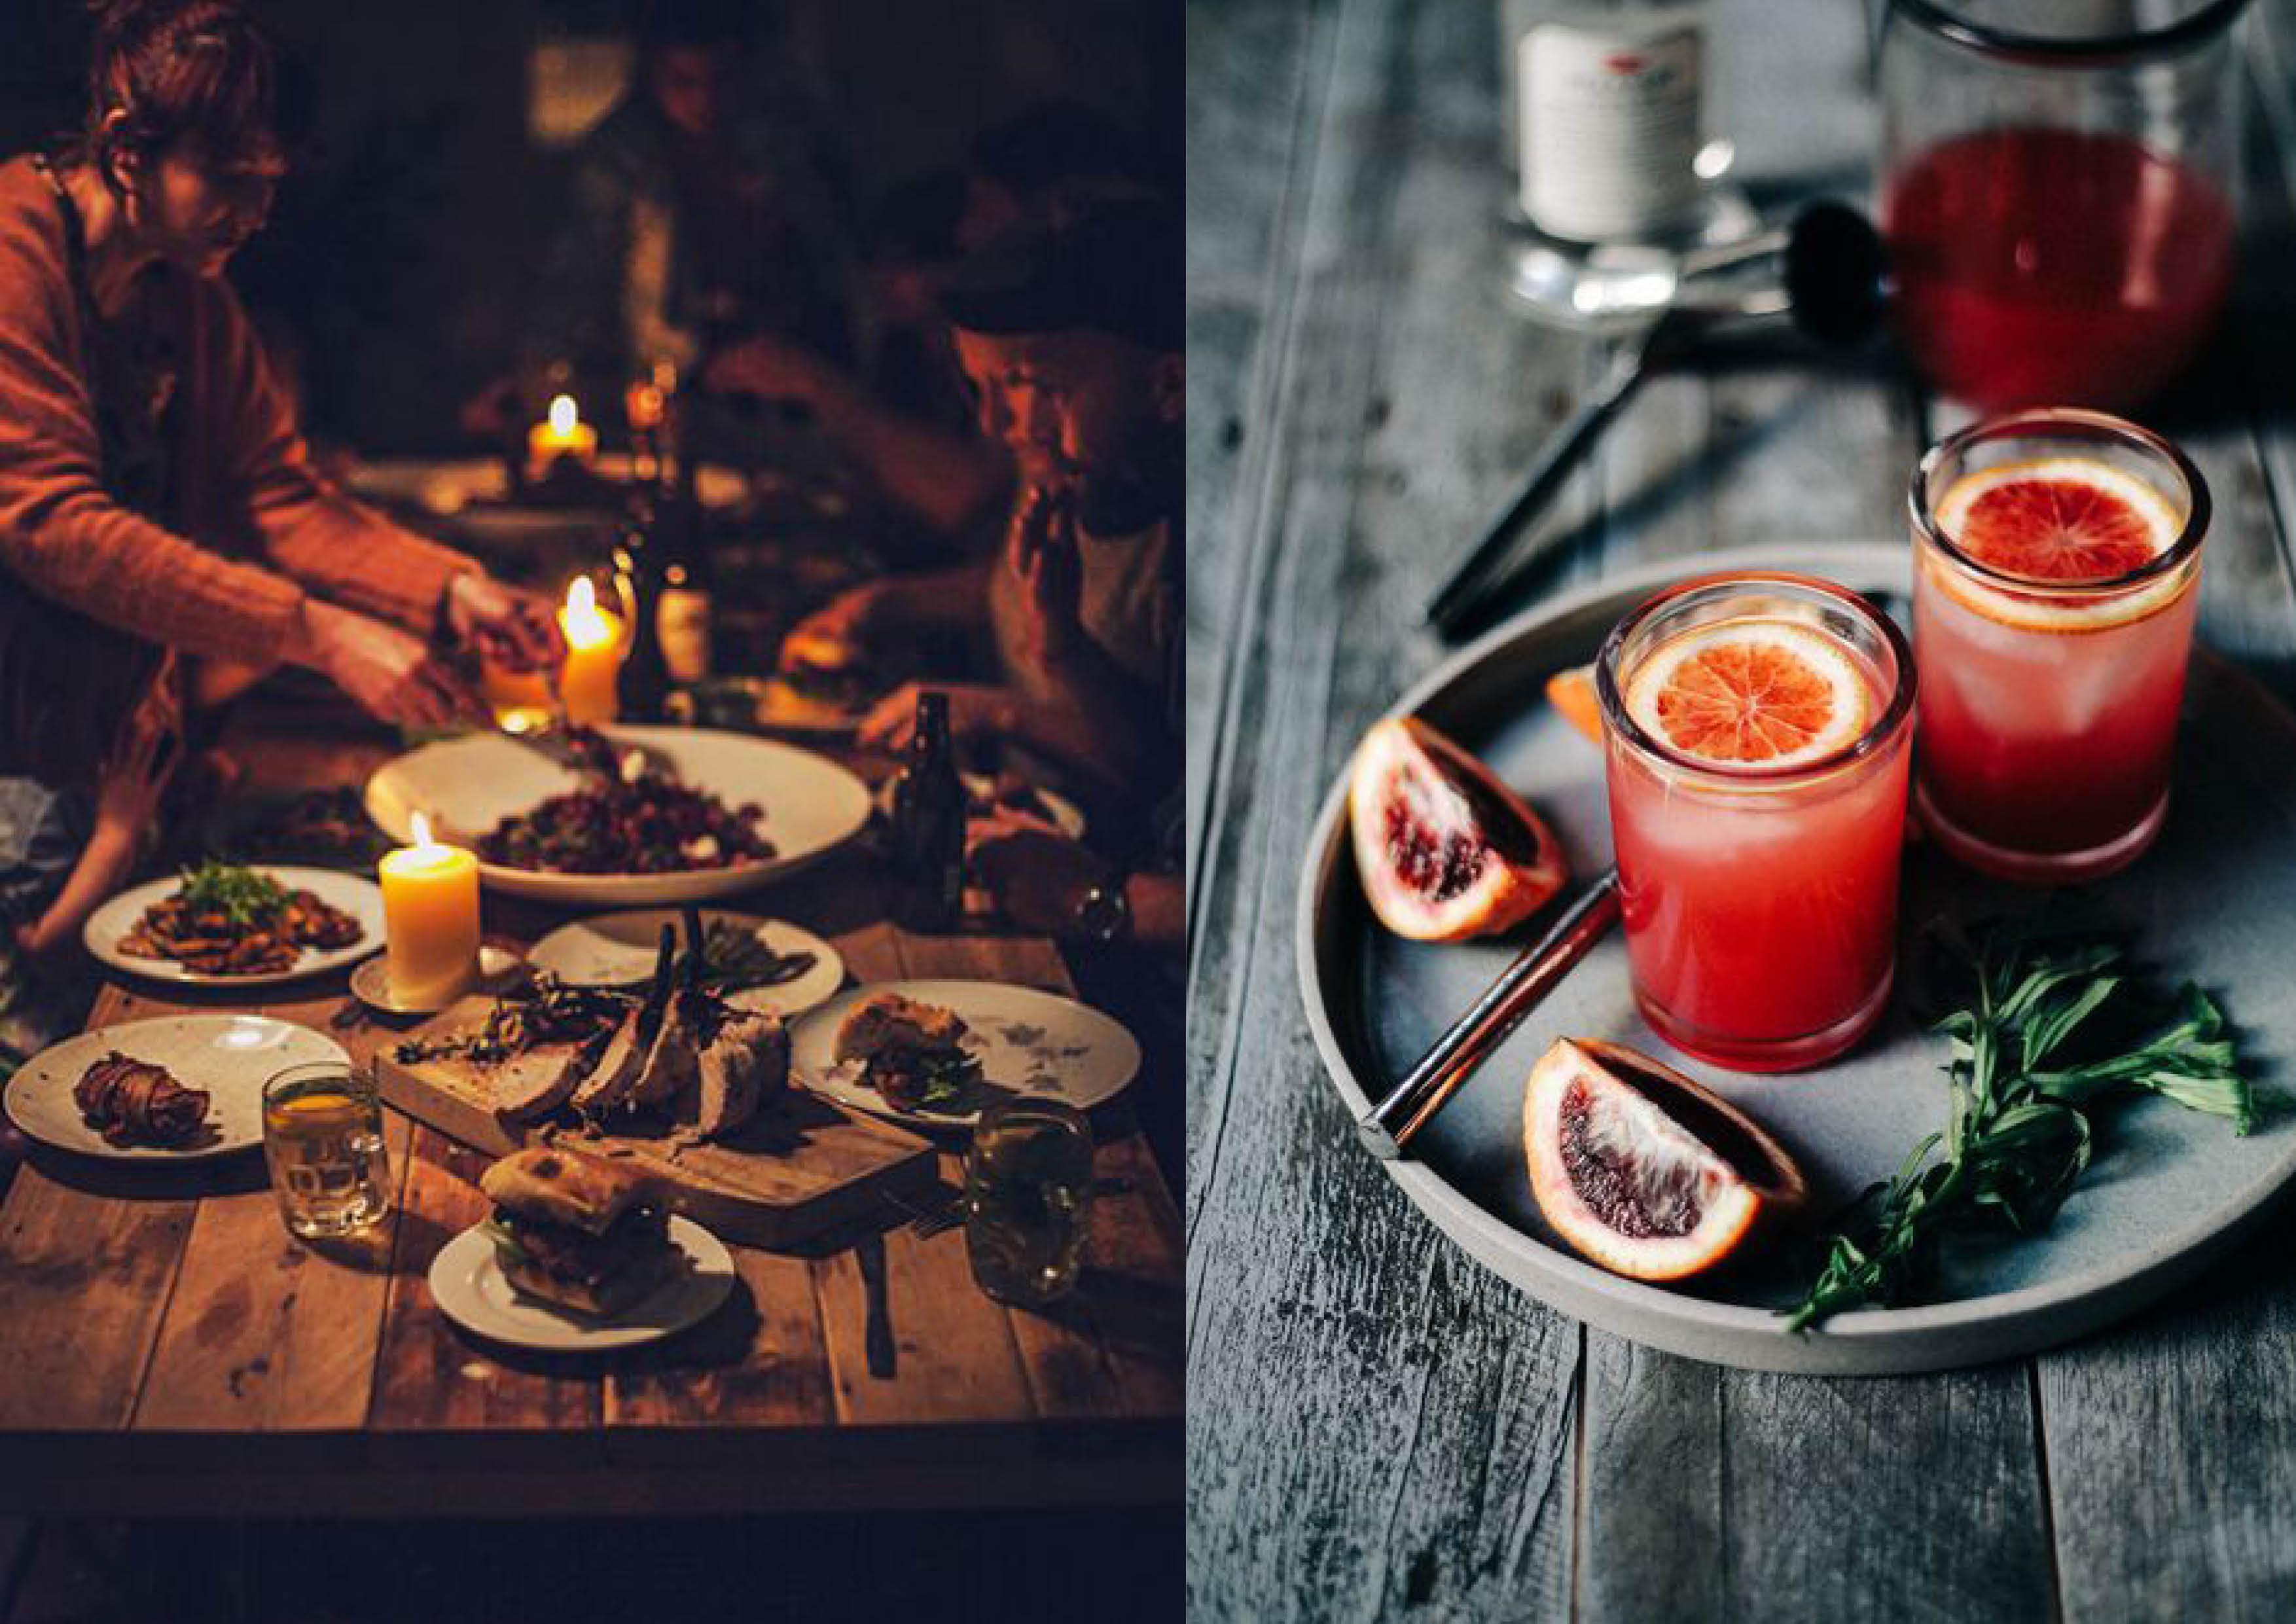 Willkommen in der Suppenküche | Sweet Home